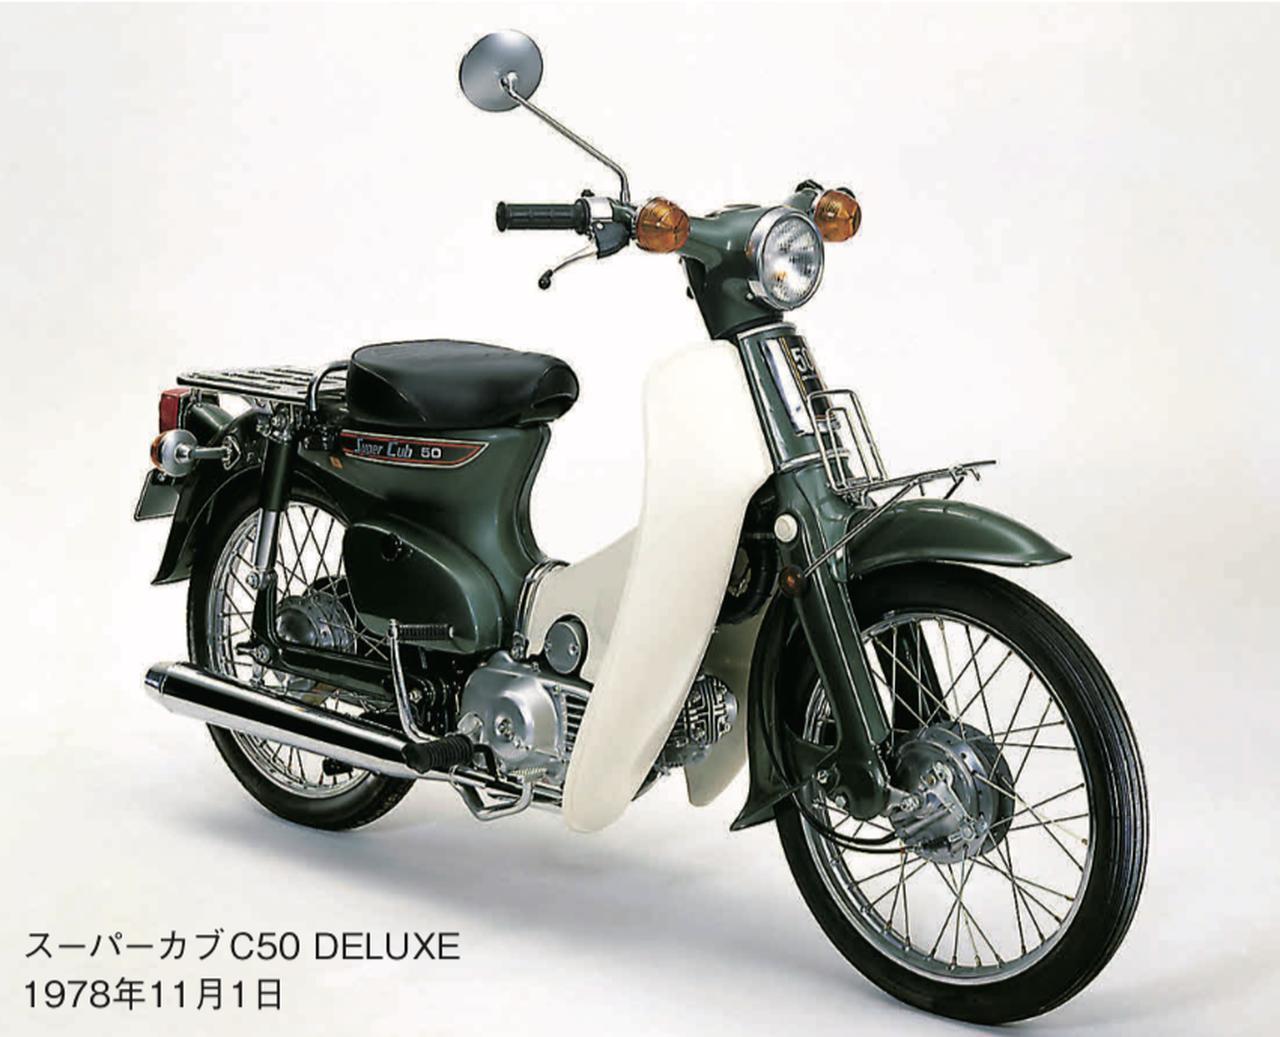 画像: ずーっと「カブ」!名前は変わらない。しかし進化は止まらない!【歴代カブの時代を振り返ろう】 - A Little Honda